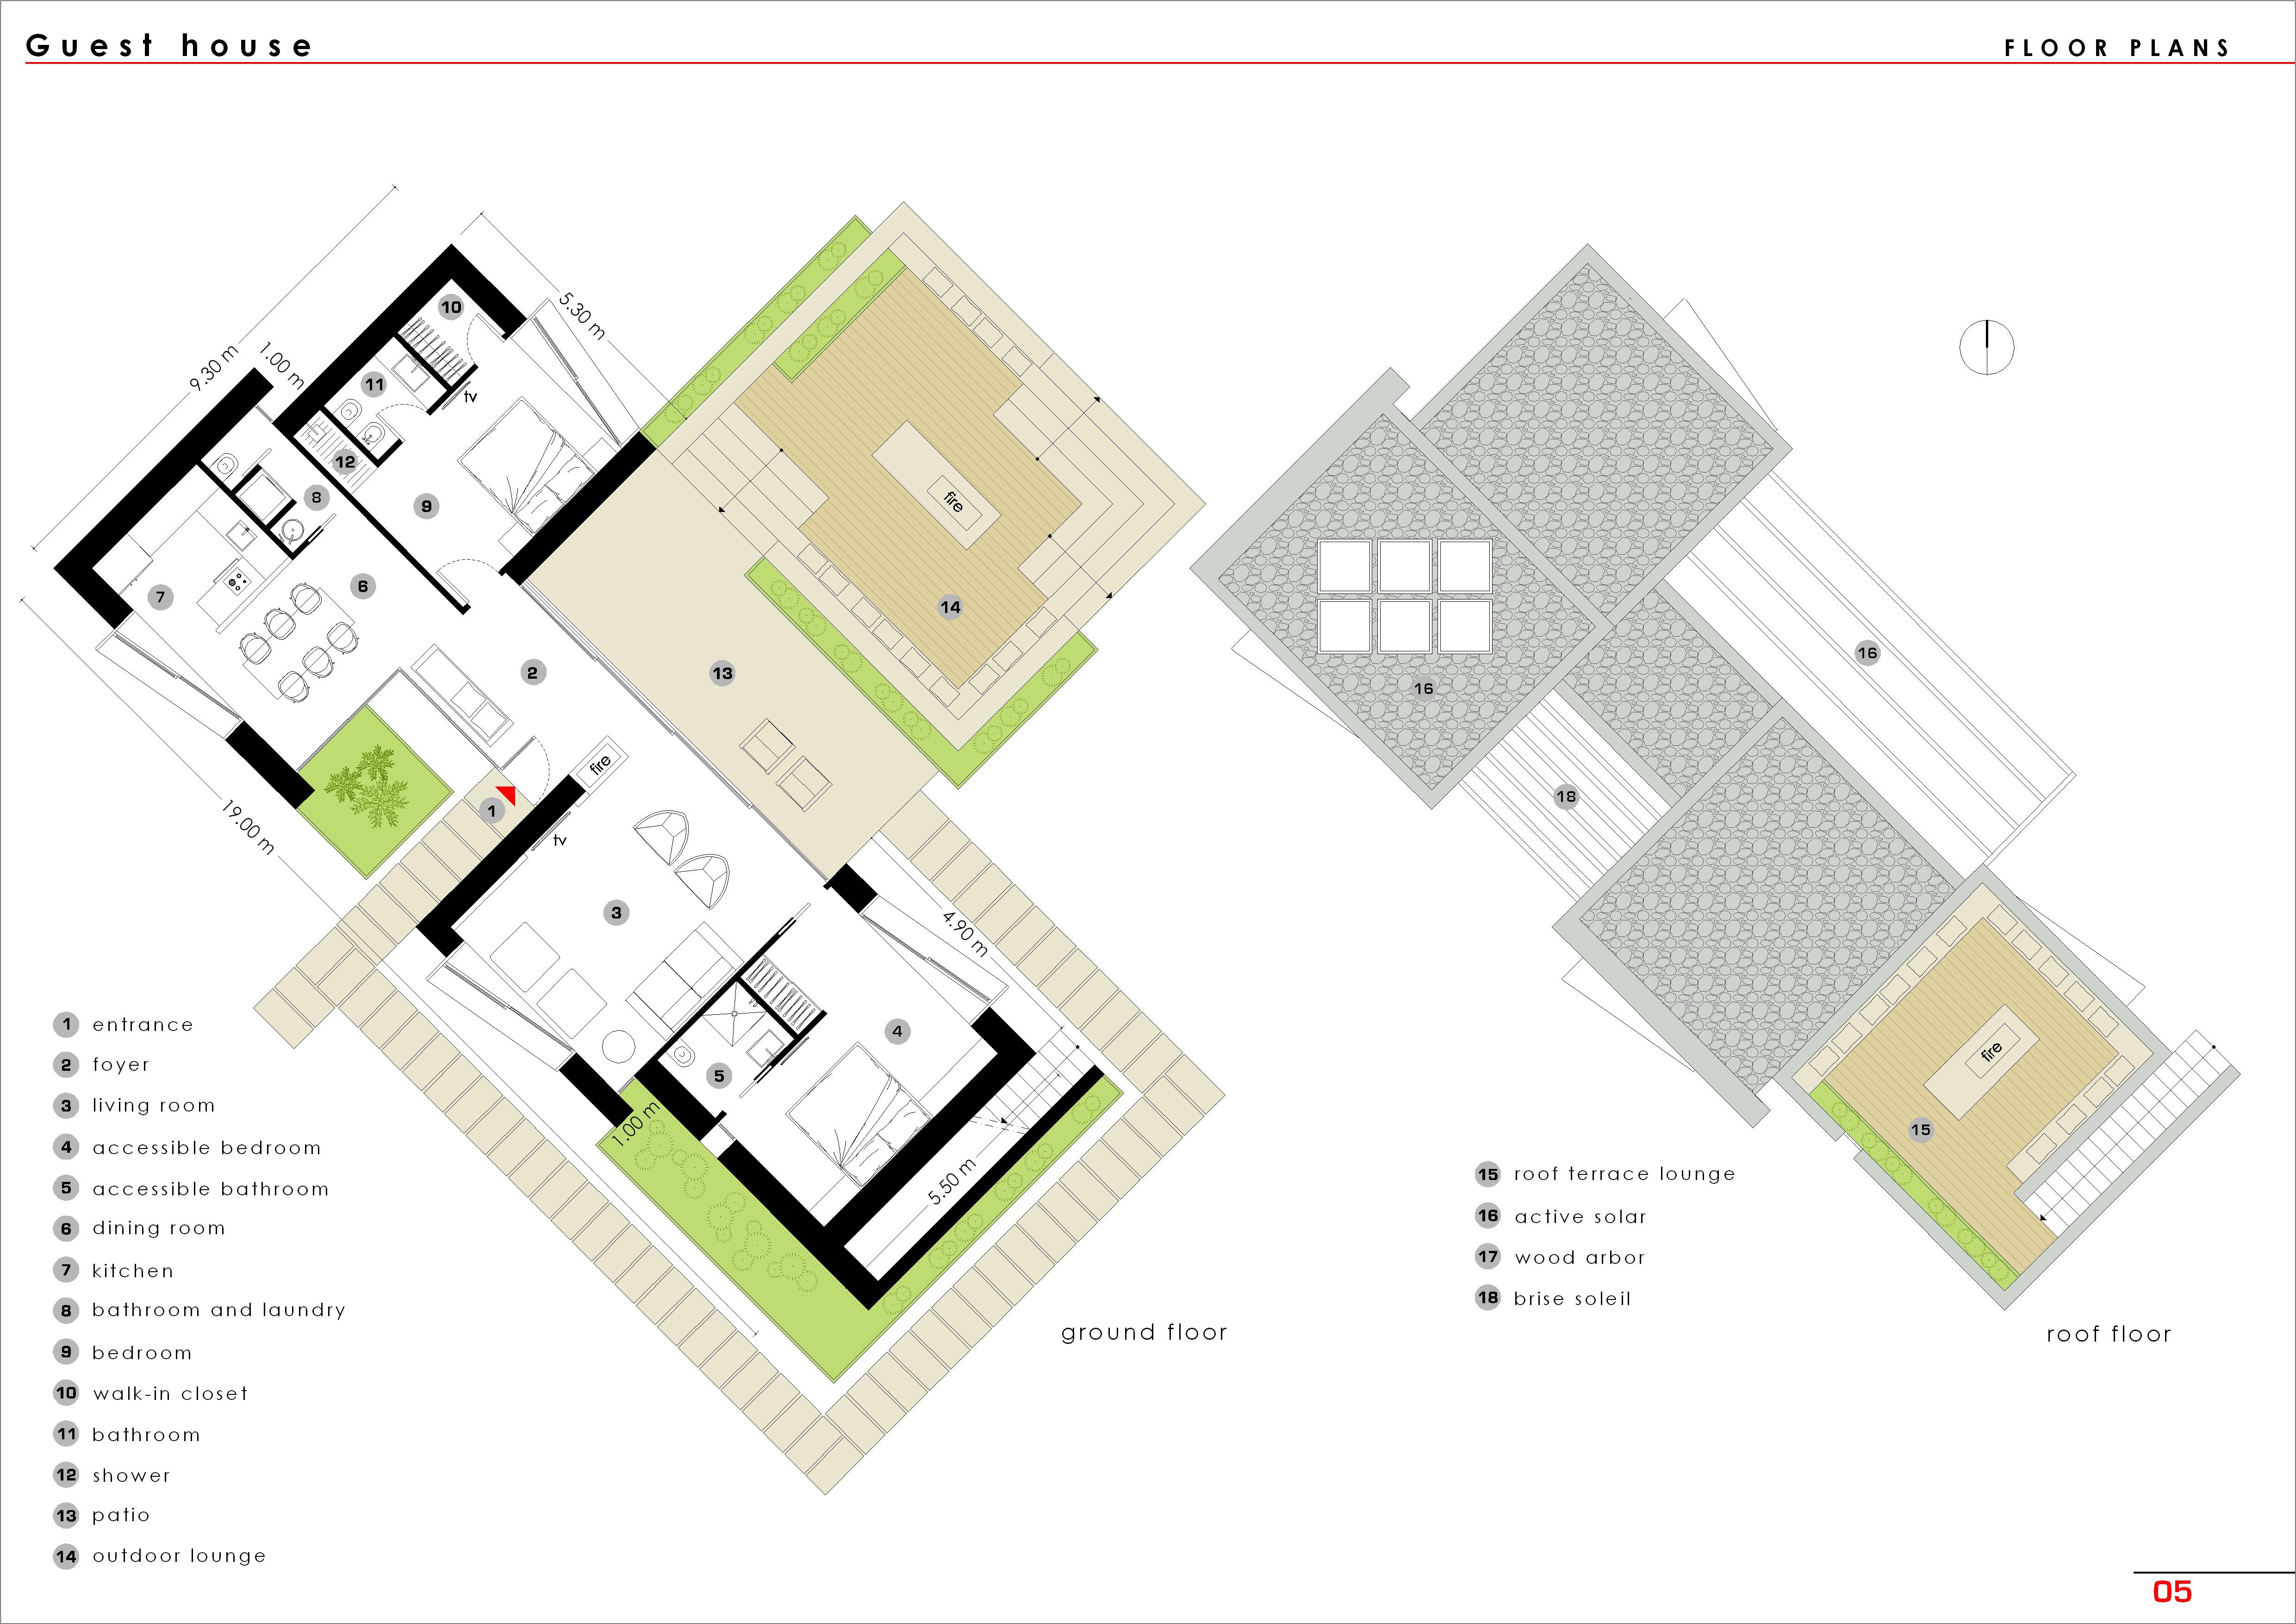 villas of sedona floor plan – Meze Blog